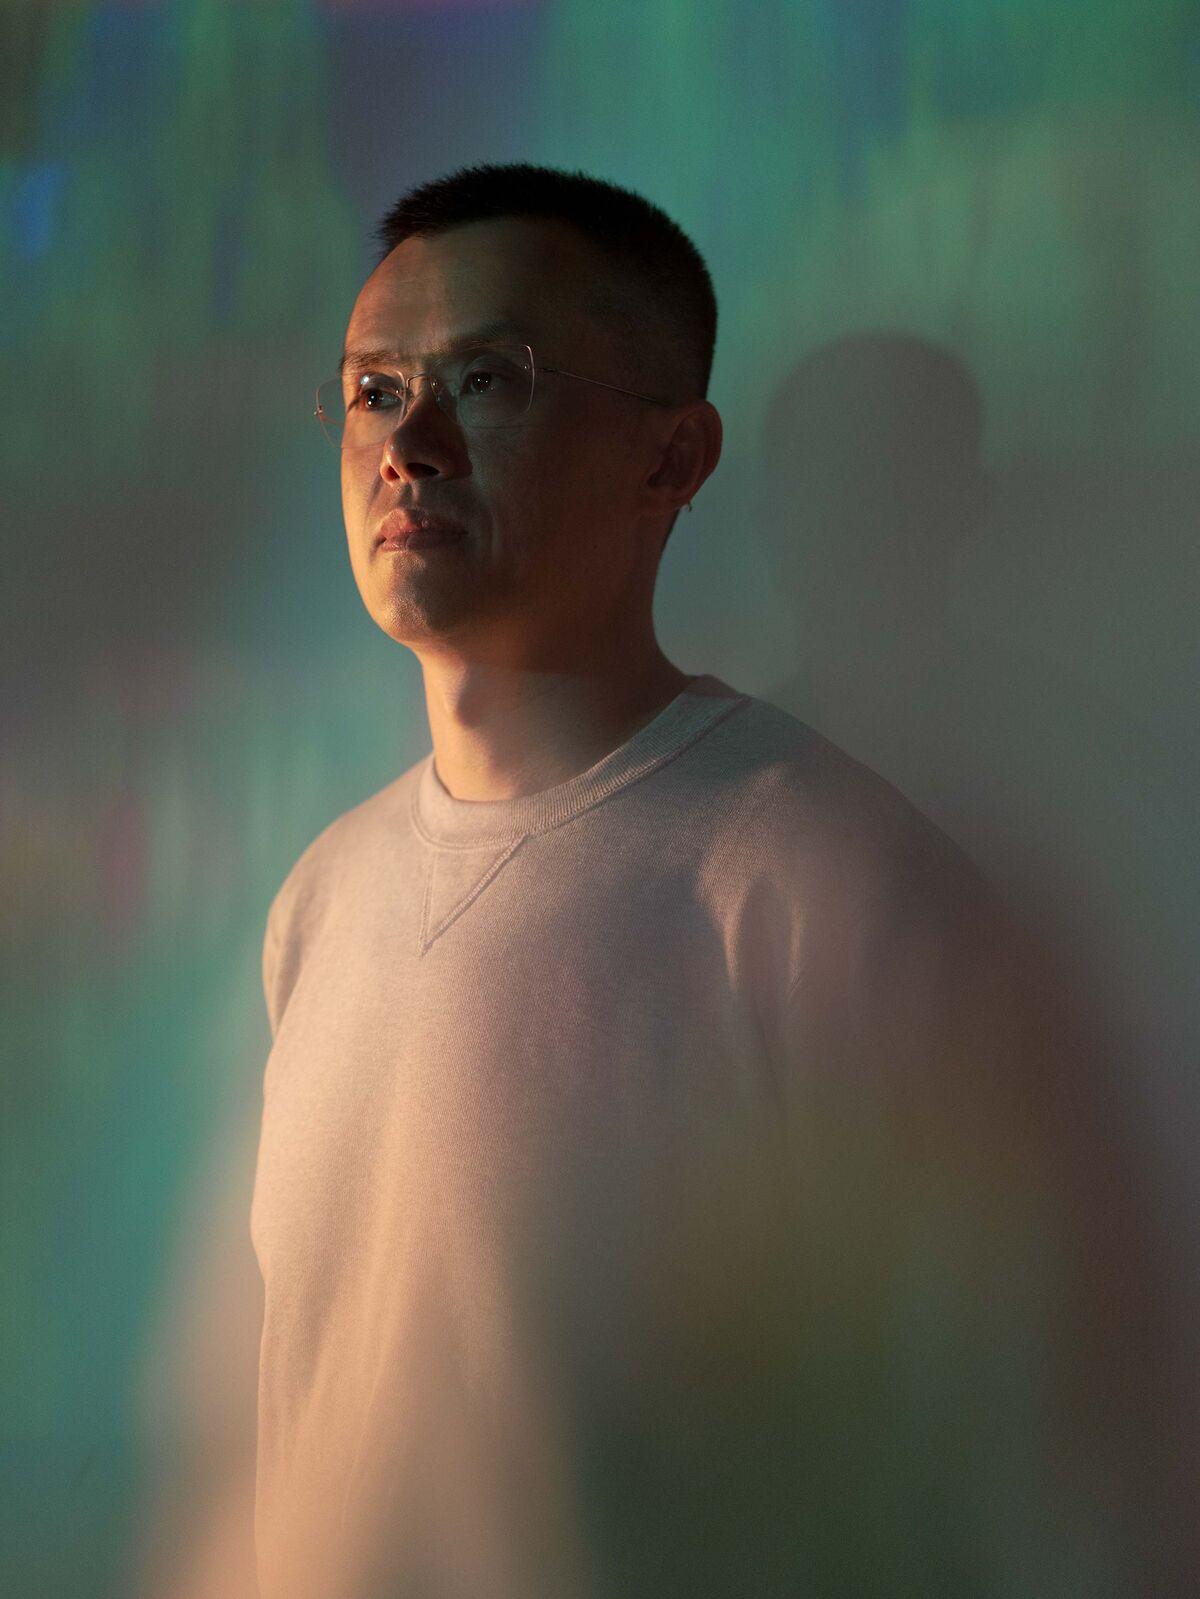 Stort intervju med Changpeng Zhao, grunnlegger av Binance.